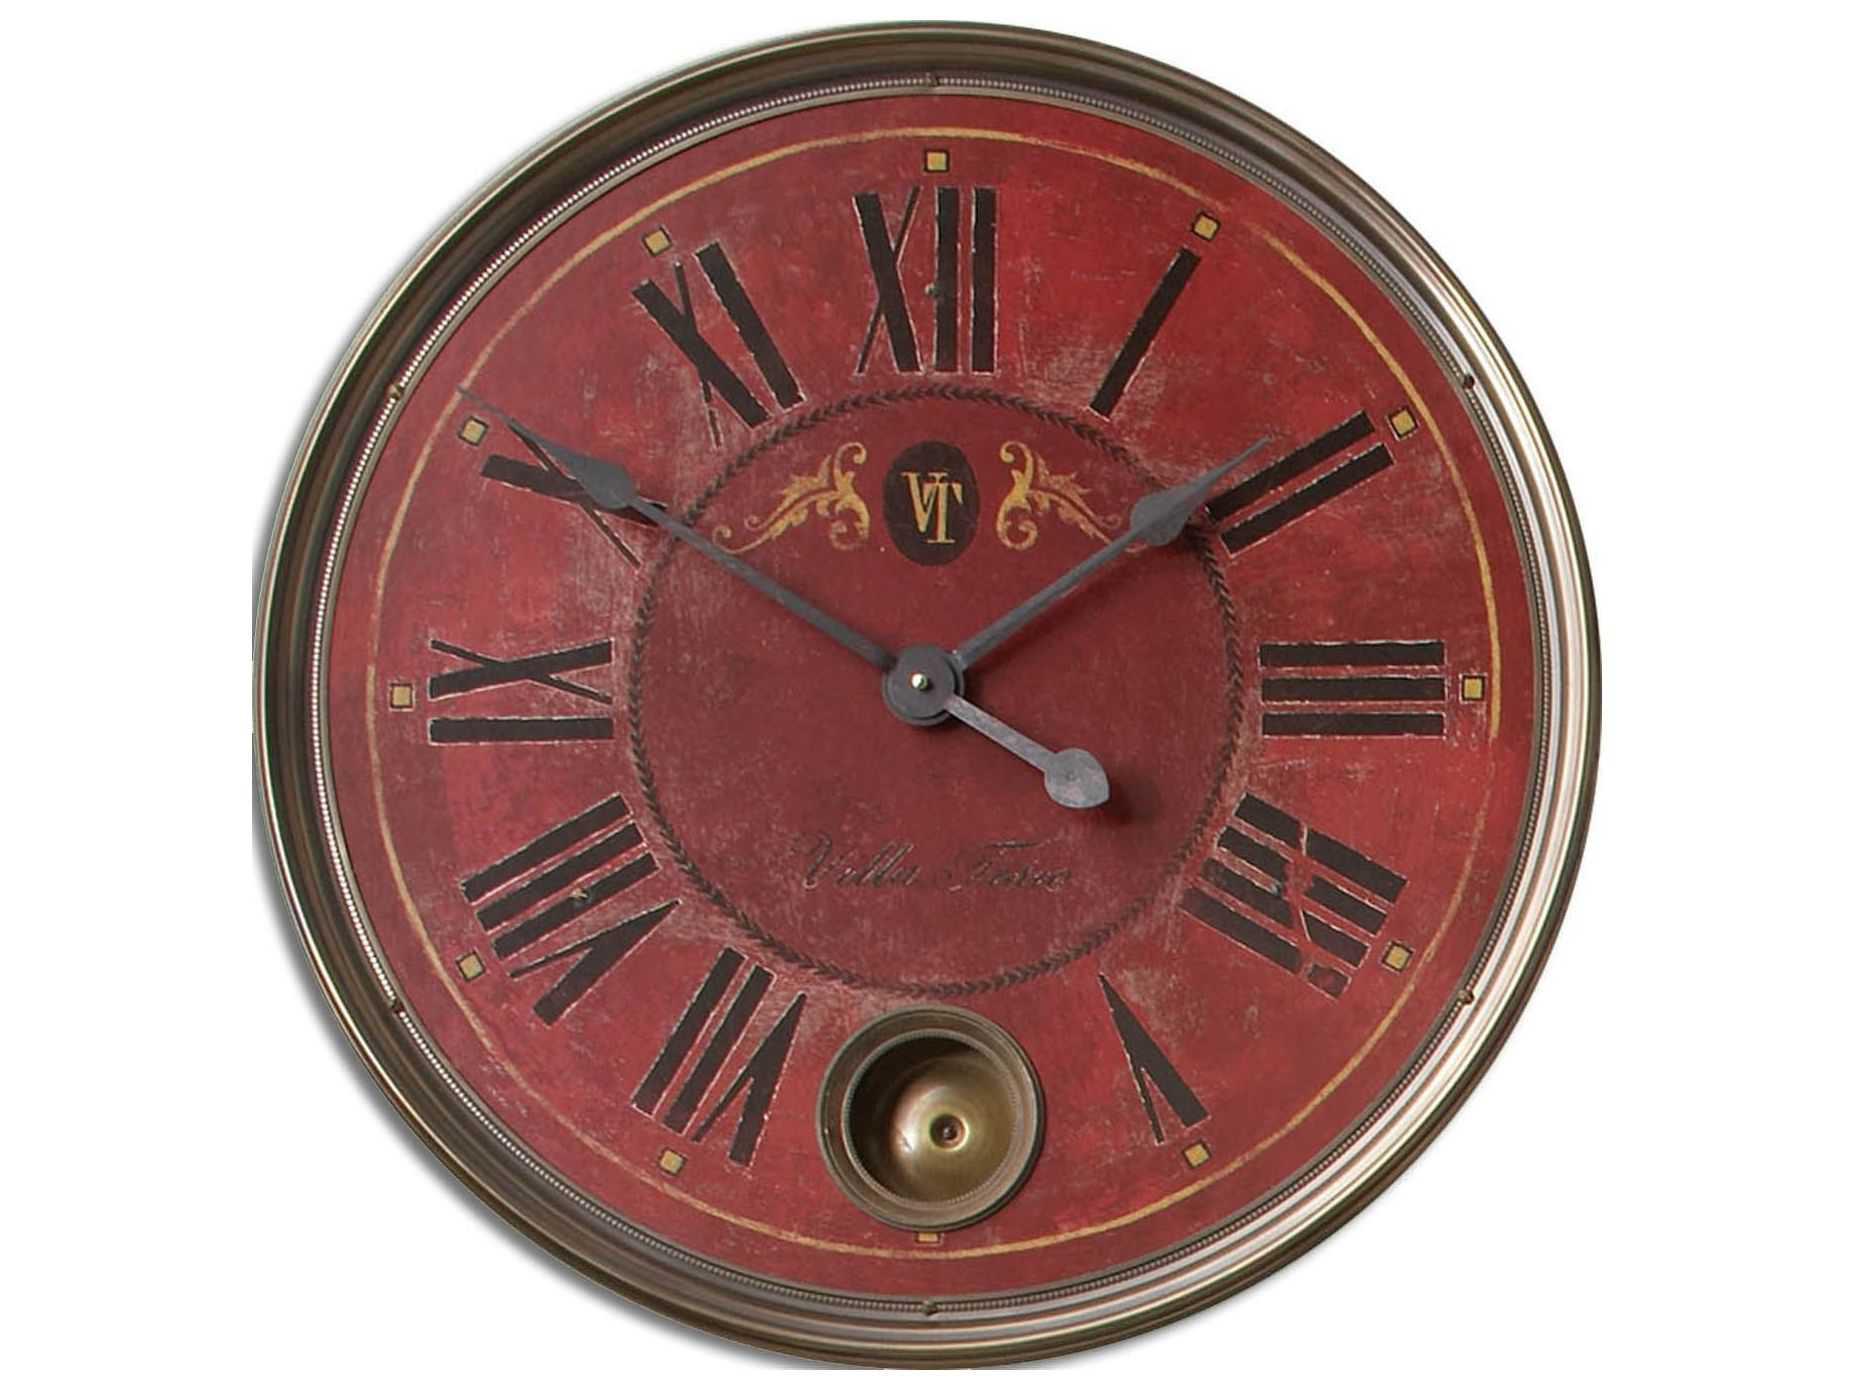 Uttermost Regency Villa Tesio 23 Inch Red Wall Clock Ut06037